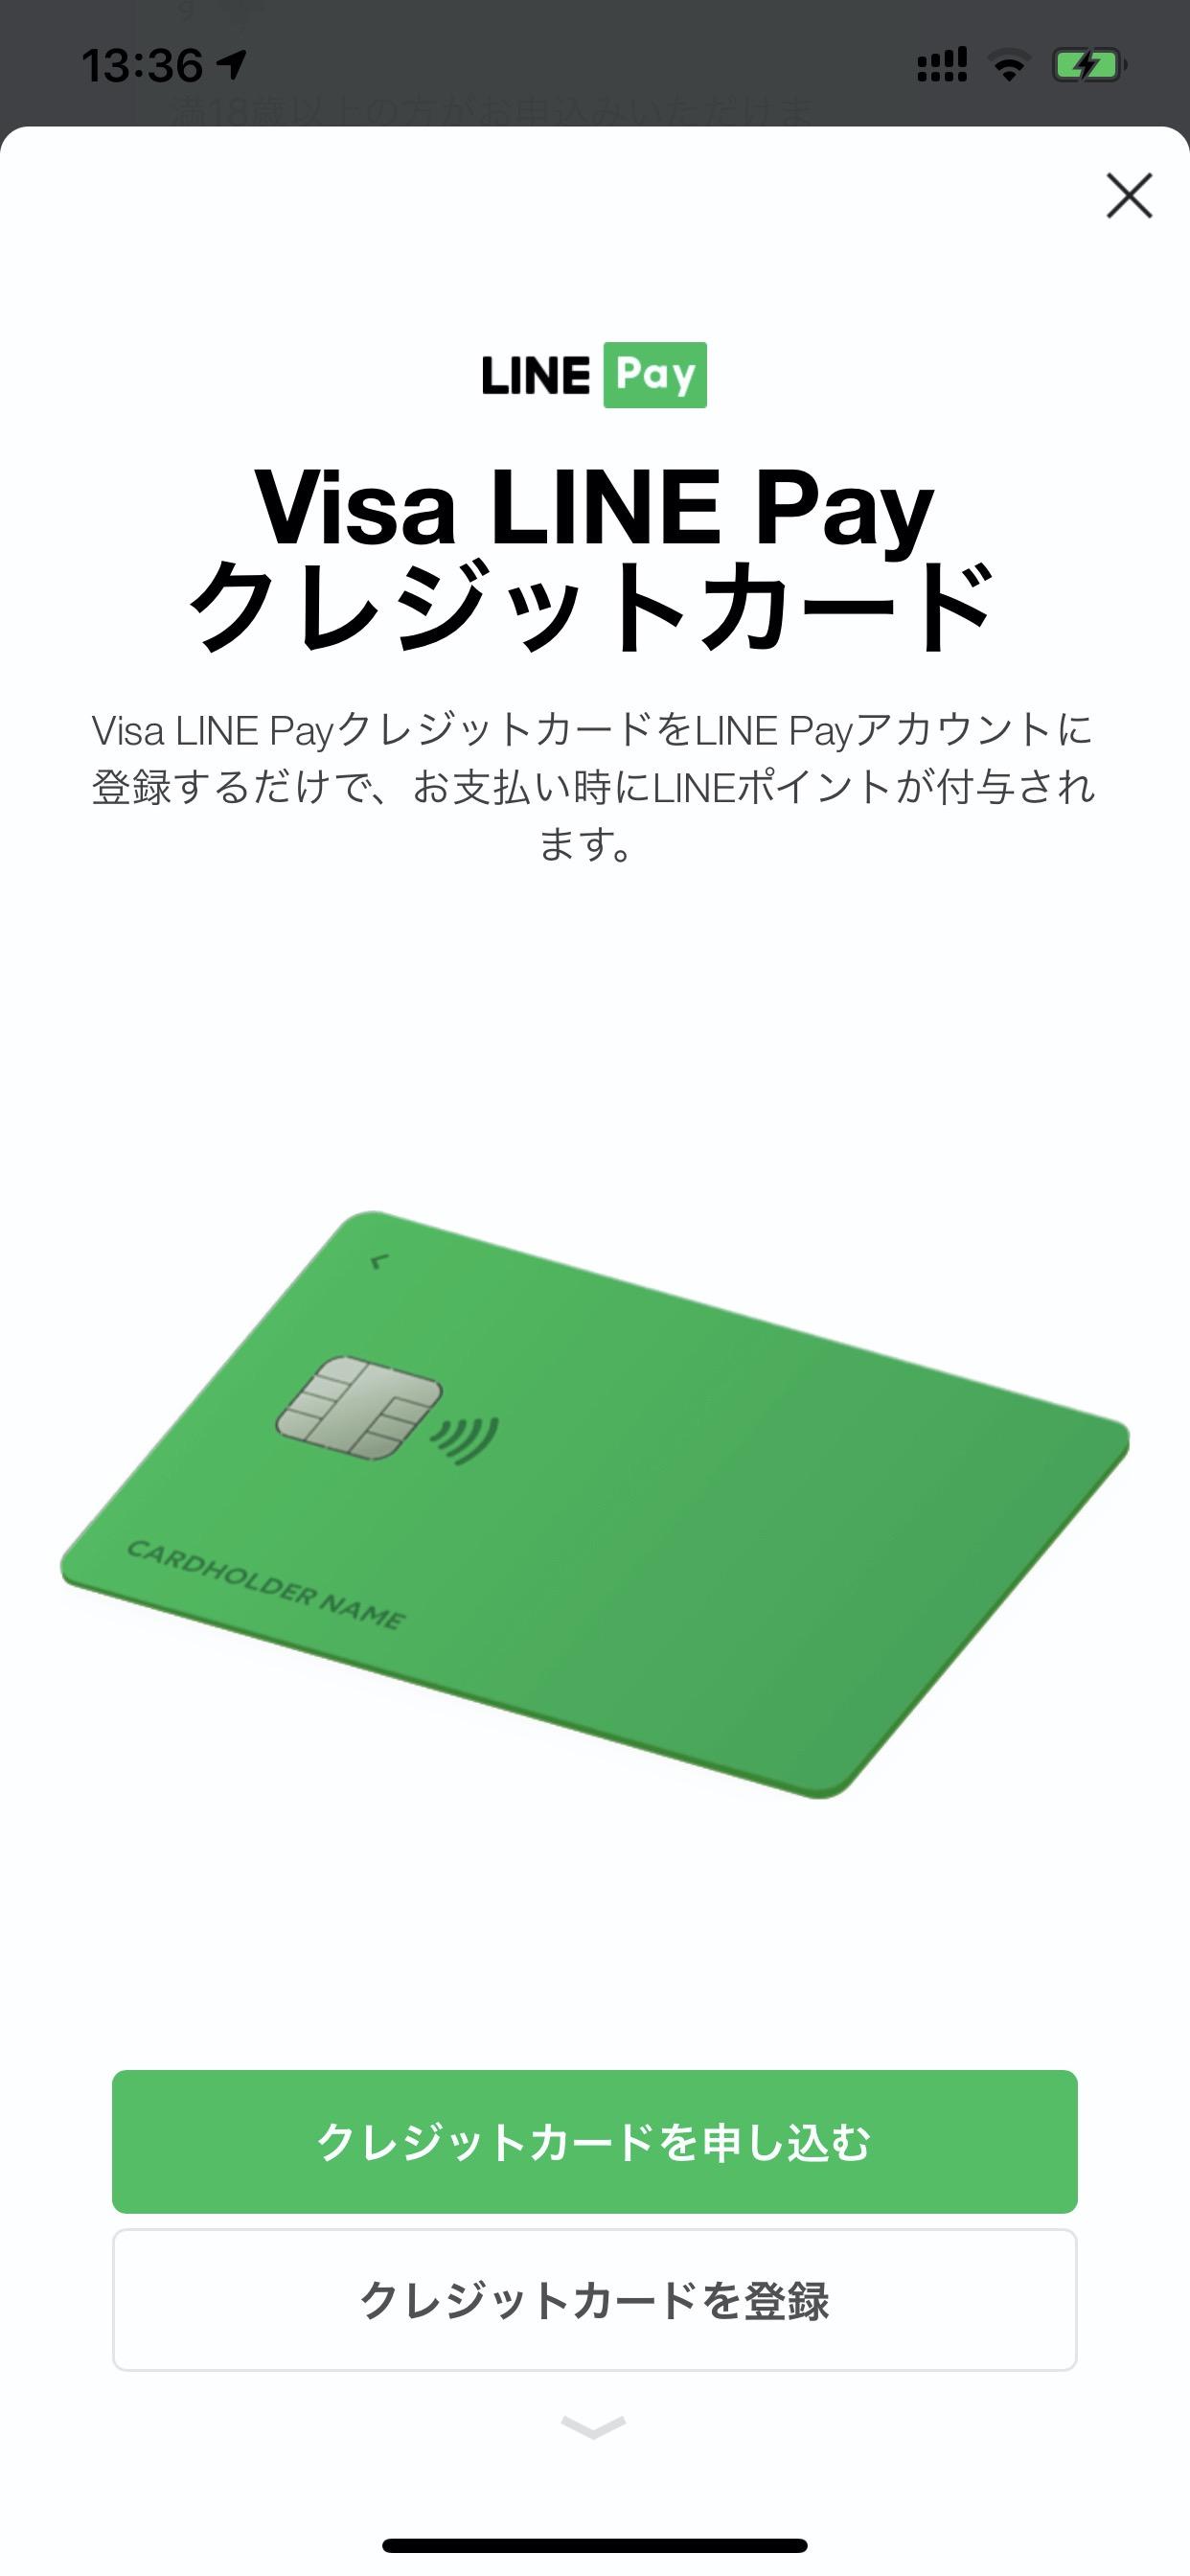 ポイント還元3%「Visa LINE Payカード」申込受付が始まる→数時間後に審査が完了して驚愕